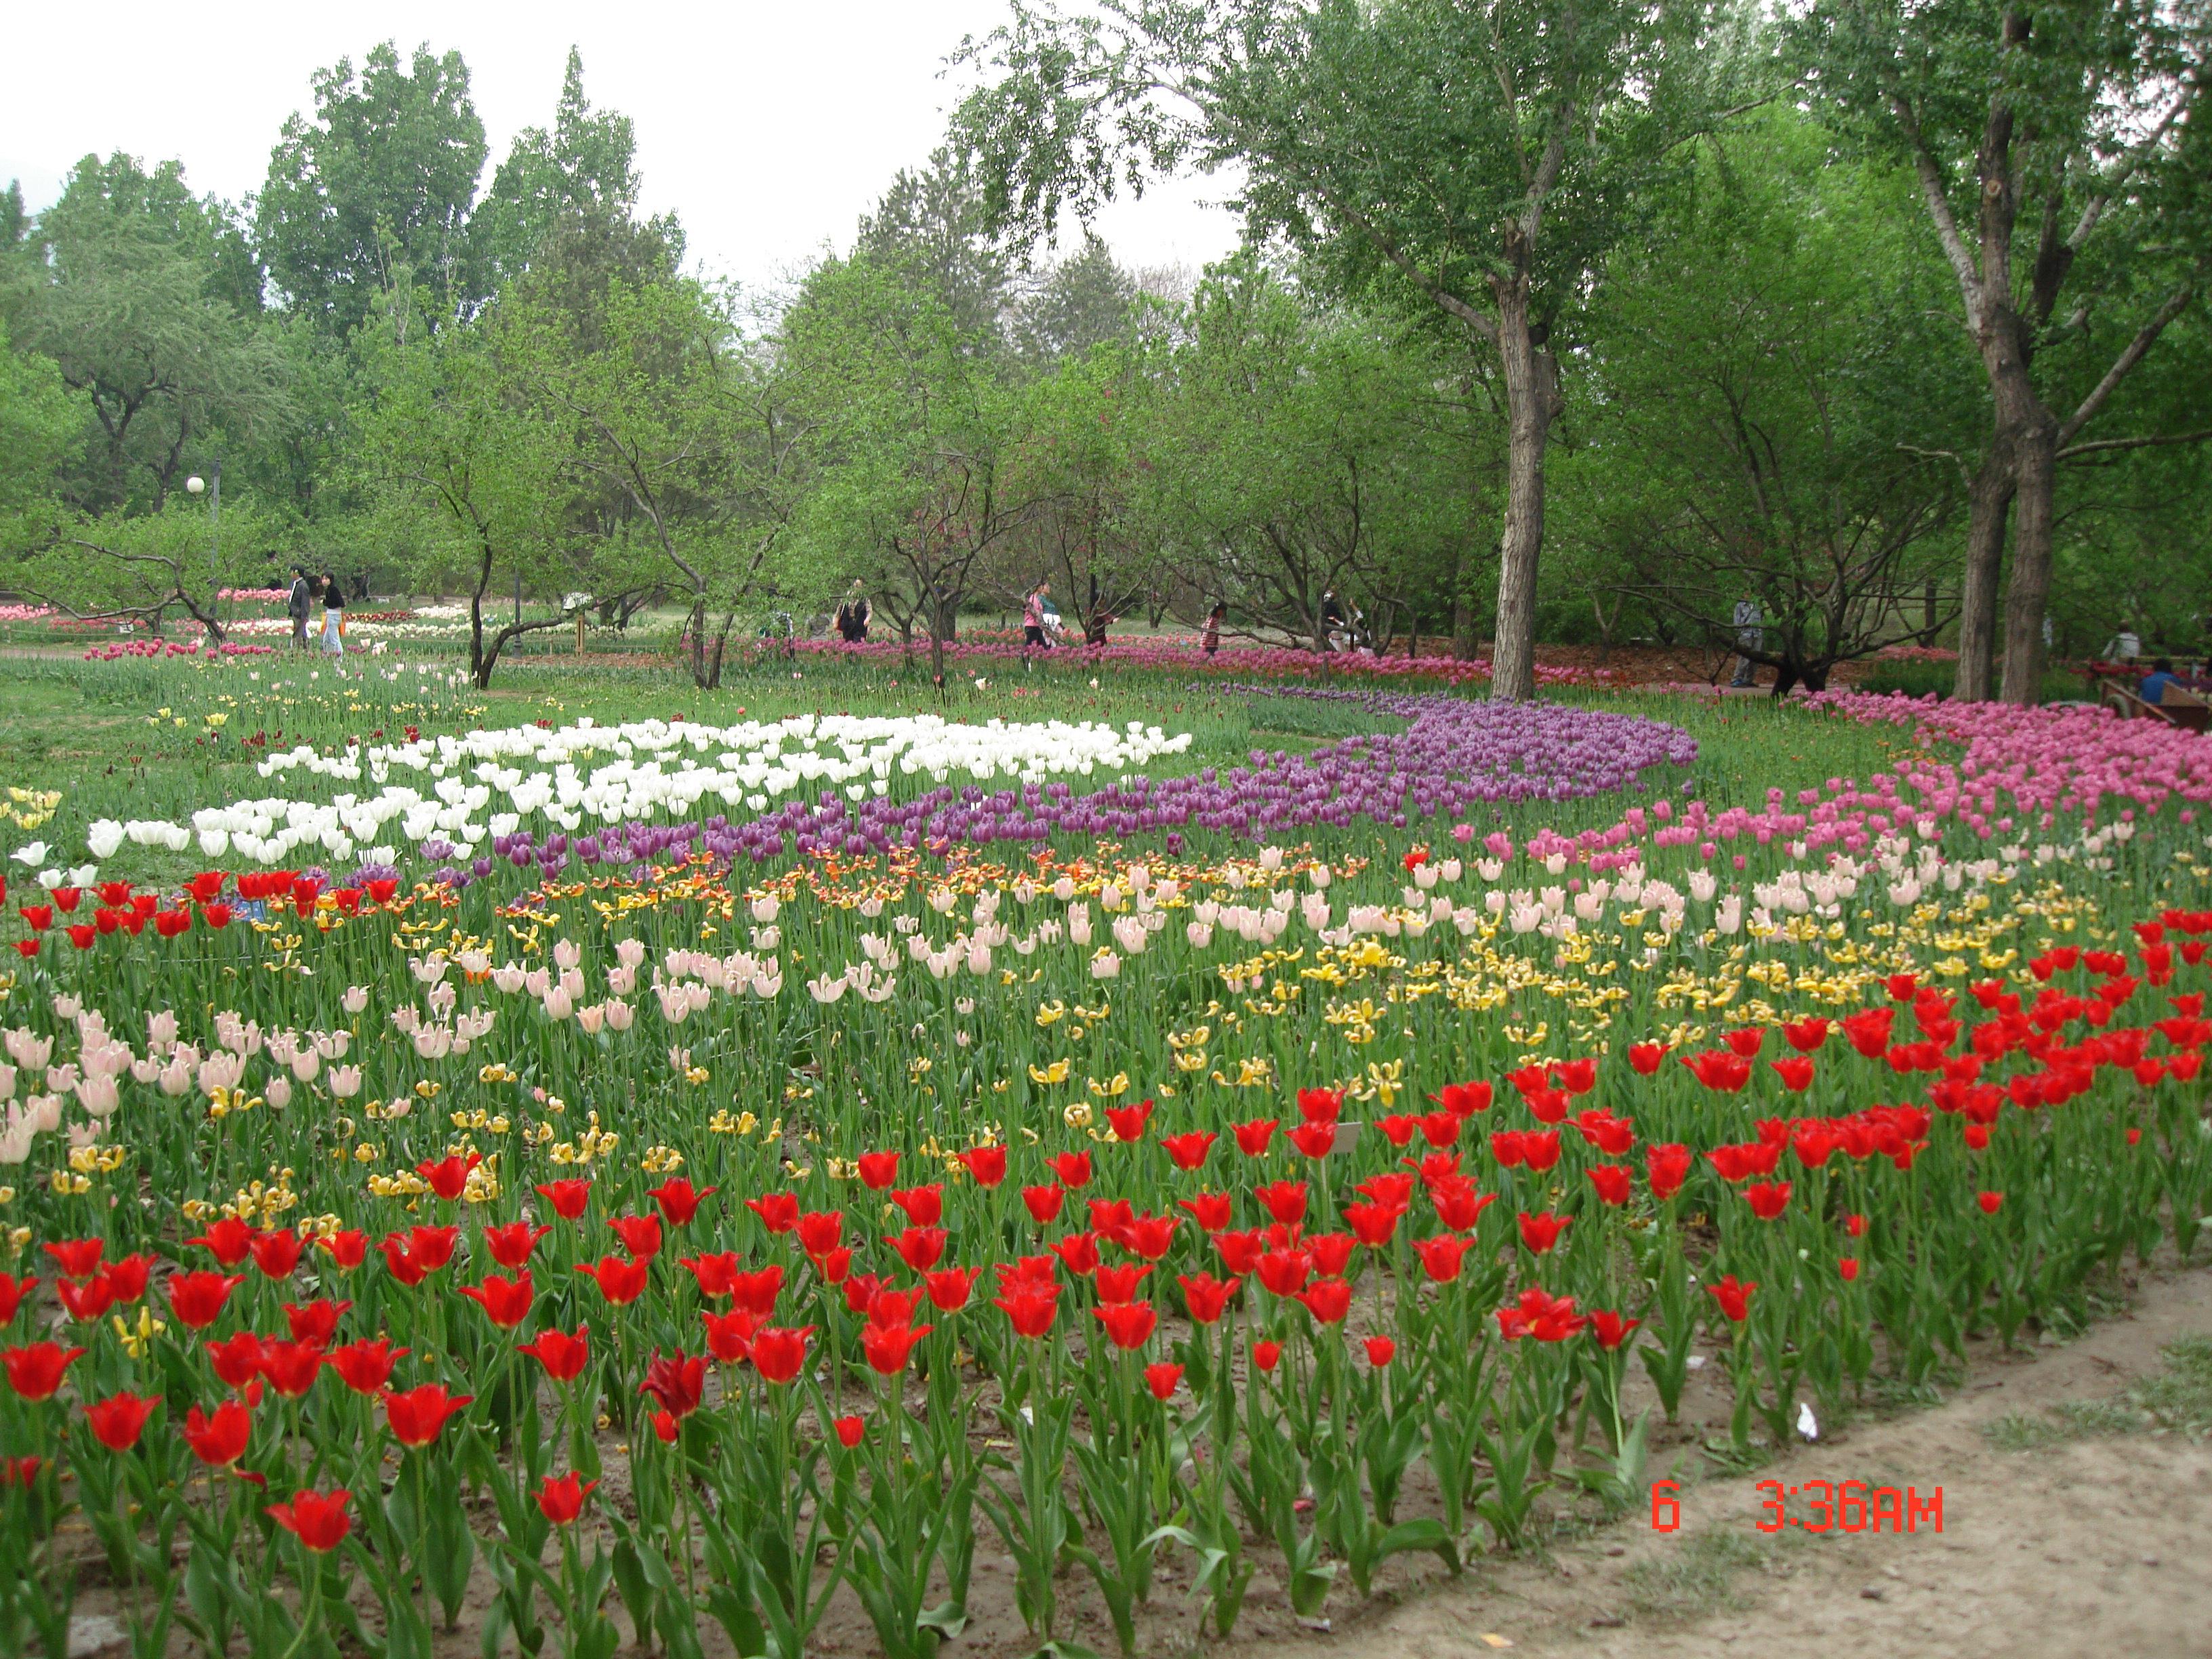 说起北京赏花的地方可是不老少,国际鲜花港、花卉大世界以及各大公园春、夏、秋三季都能欣赏到各种美丽的鲜花。不过,我最喜欢的还是植物园了。这里不但一年四季鲜花不断,环境优雅,离城区也不算远,而且票价也比较便宜,只有10元钱,的确是赏花的好去处。植物园的花展很多,春有桃花、夏有月季和荷花、秋有菊花,冬天有梅花,不过这里在京城最著名的还是桃花了,不但品种多,而且种植的面积也非常大,这里的桃花展和玉渊潭的樱花以及元大都的海棠花并称为北京的三大花展。我是5月初的时候去欣赏的桃花,其实观赏桃花三月就可以开始